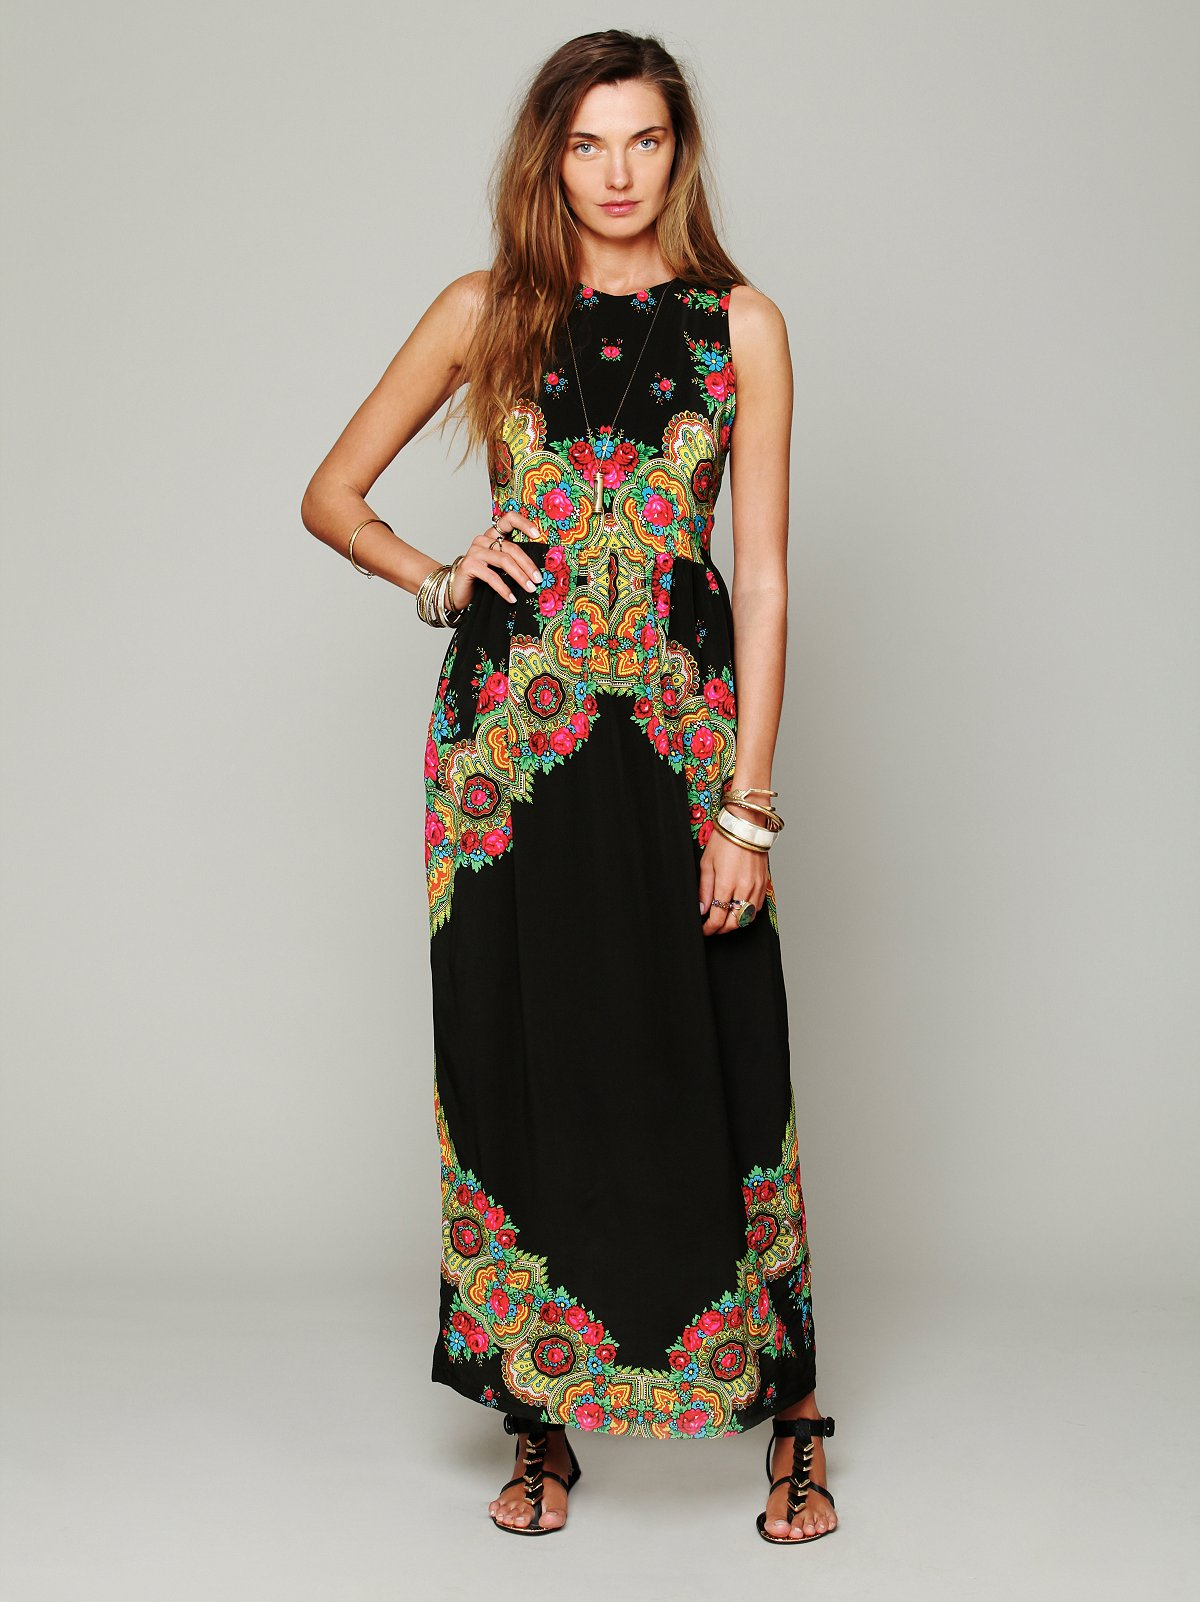 Gypsy Maxi Printed Dress